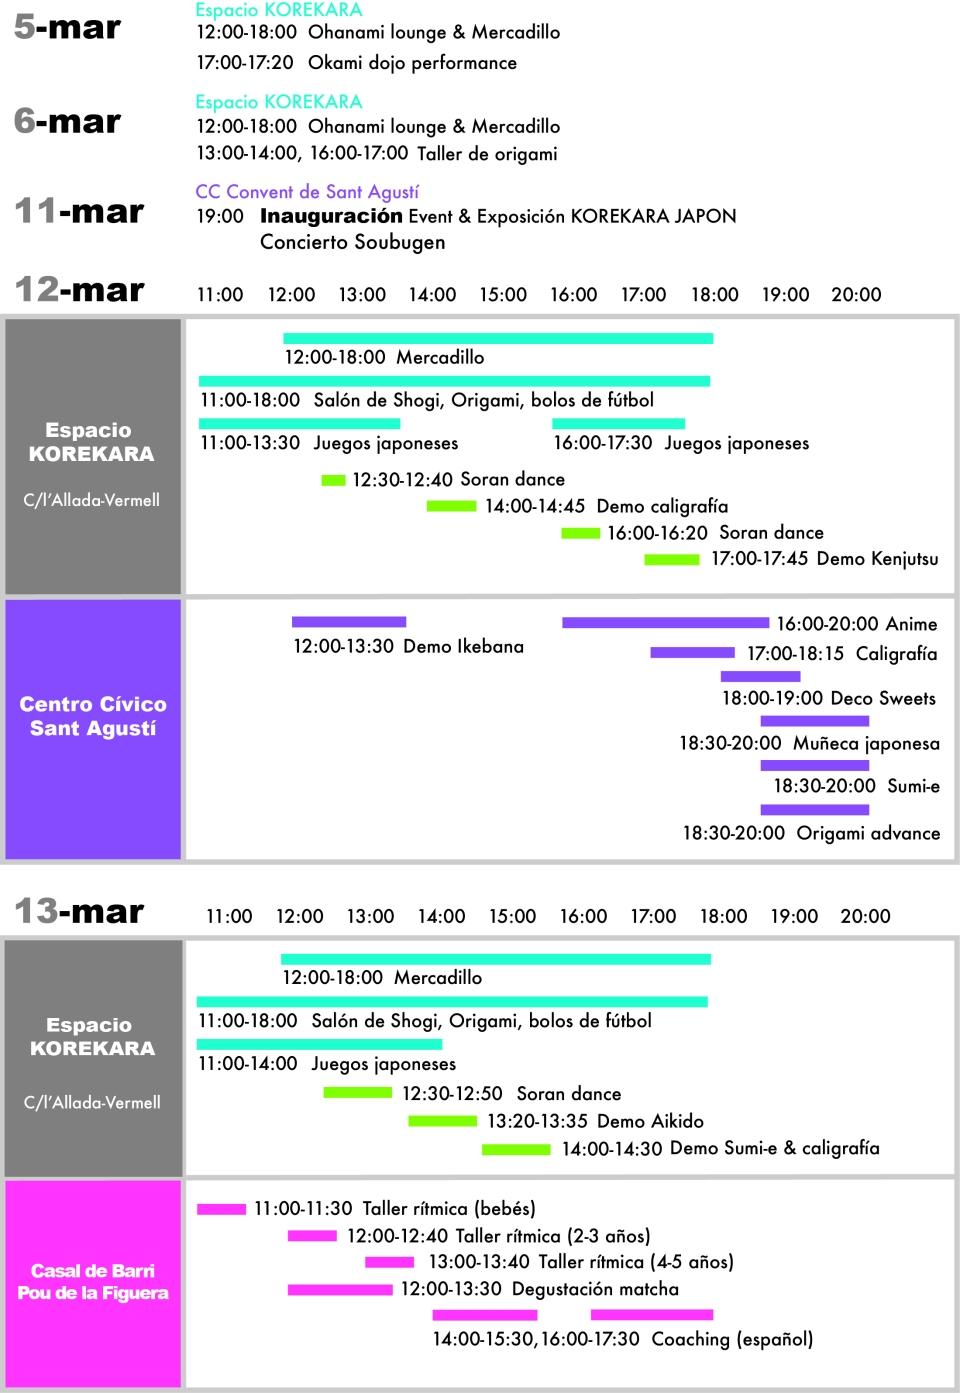 KOREKARA 2016 schedule